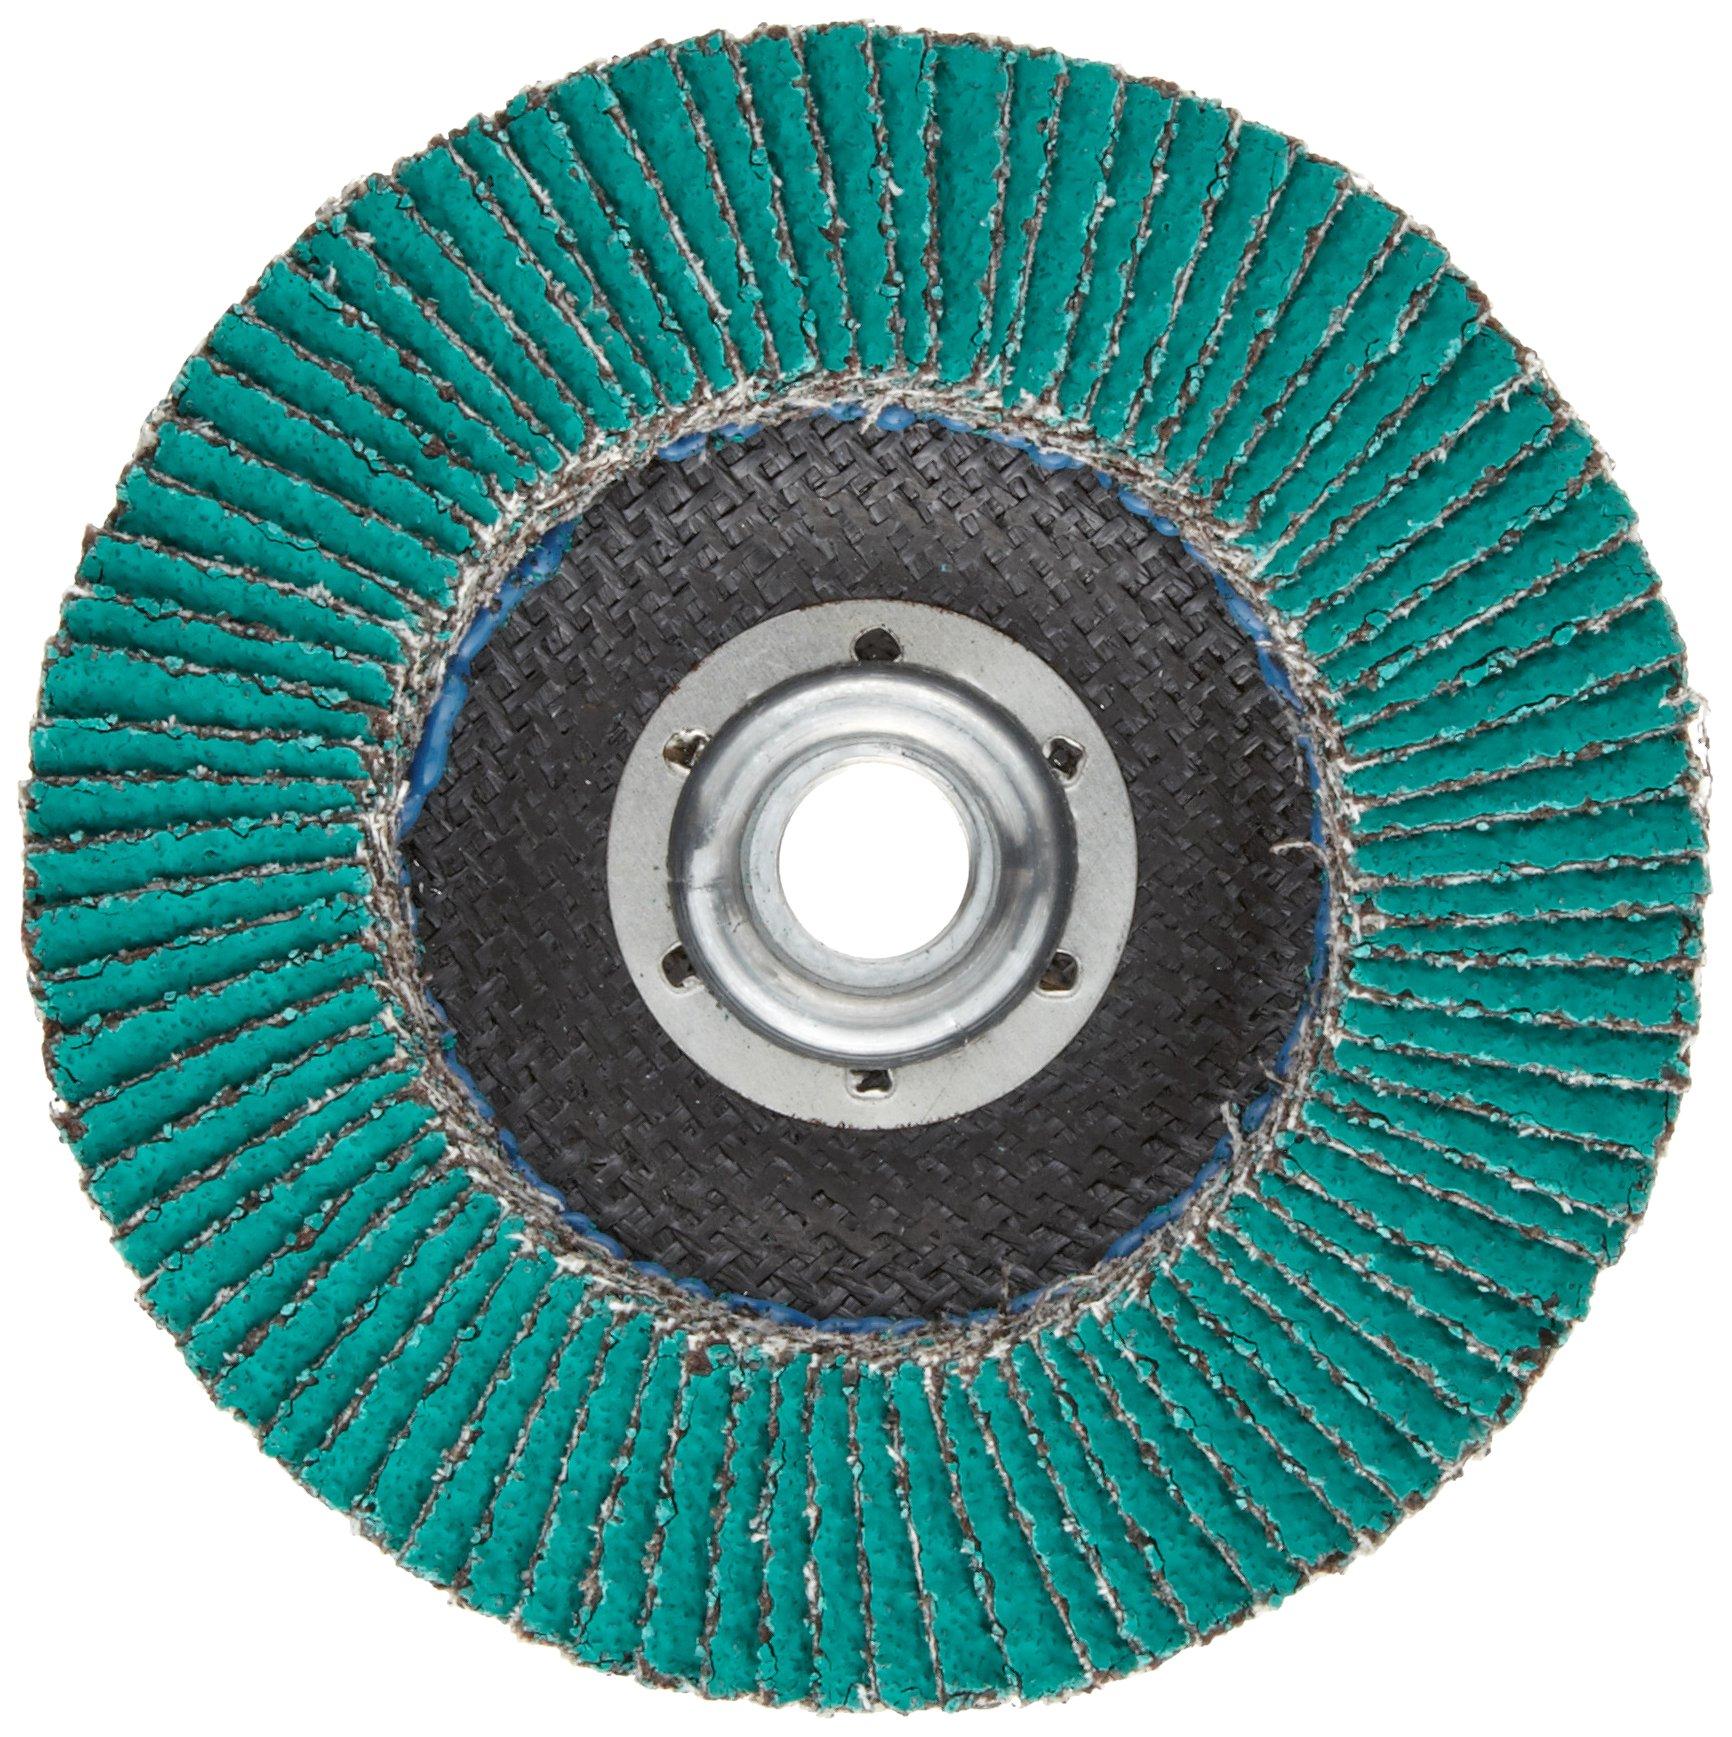 3M Flap Disc 577F, T29 Giant, Alumina